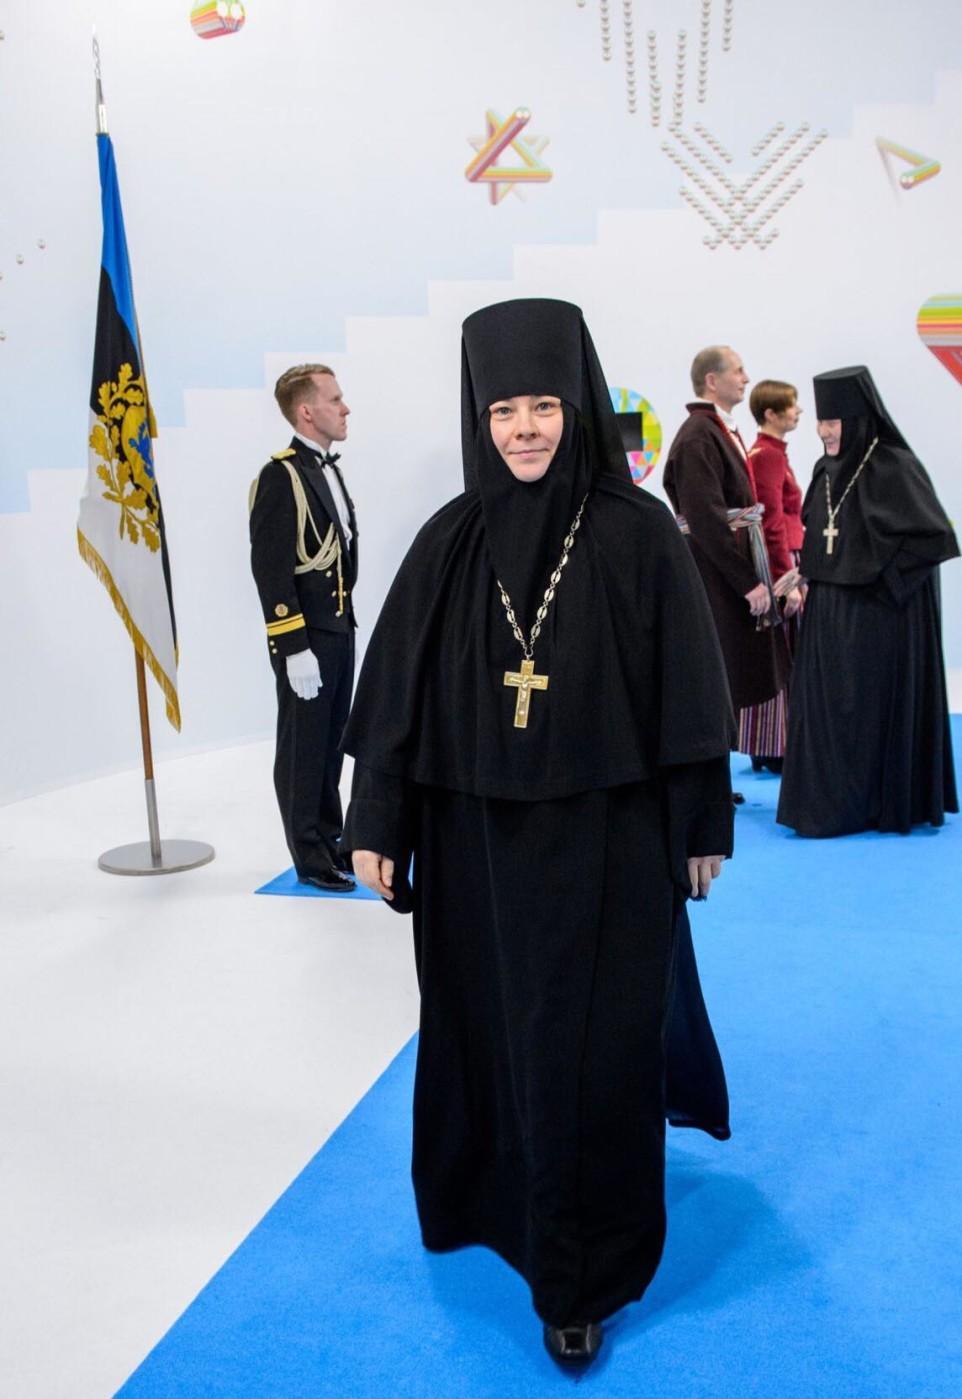 На юбилейную церемонию были приглашены около 1500 гостей / orthodox.ee